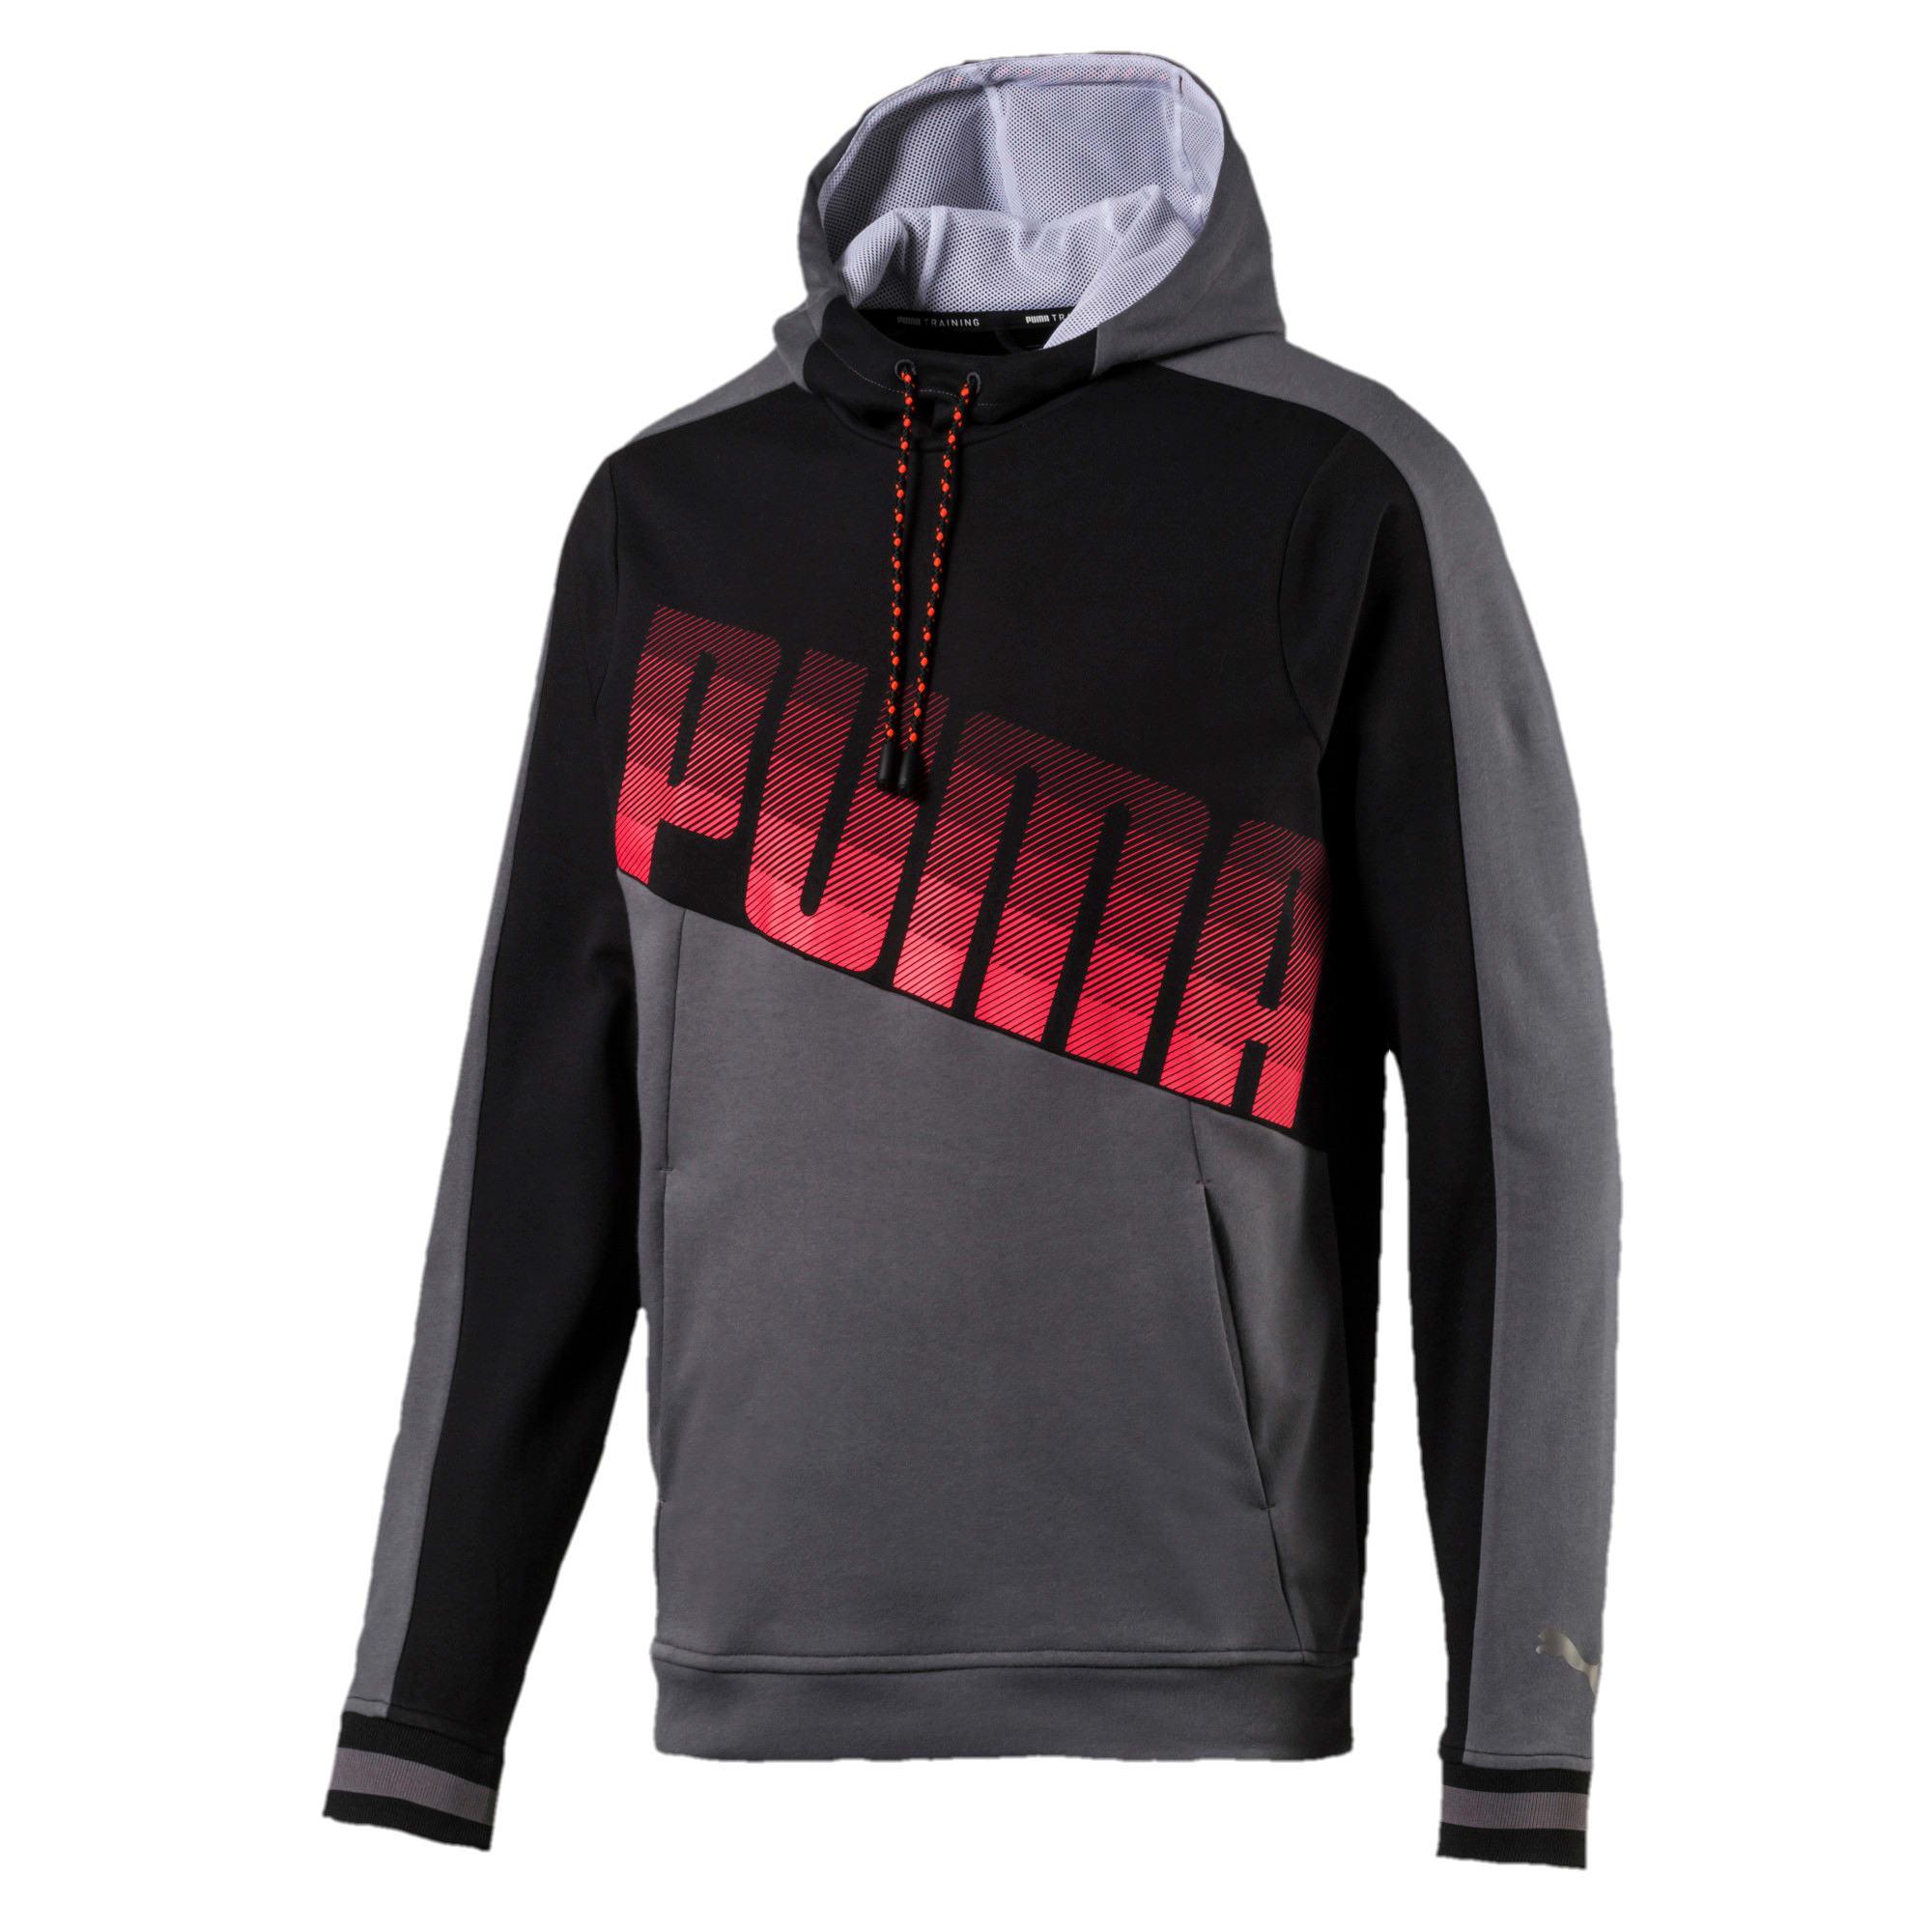 Thumbnail 4 of Collective hoodie voor heren, CASTLEROCK-Puma Black, medium